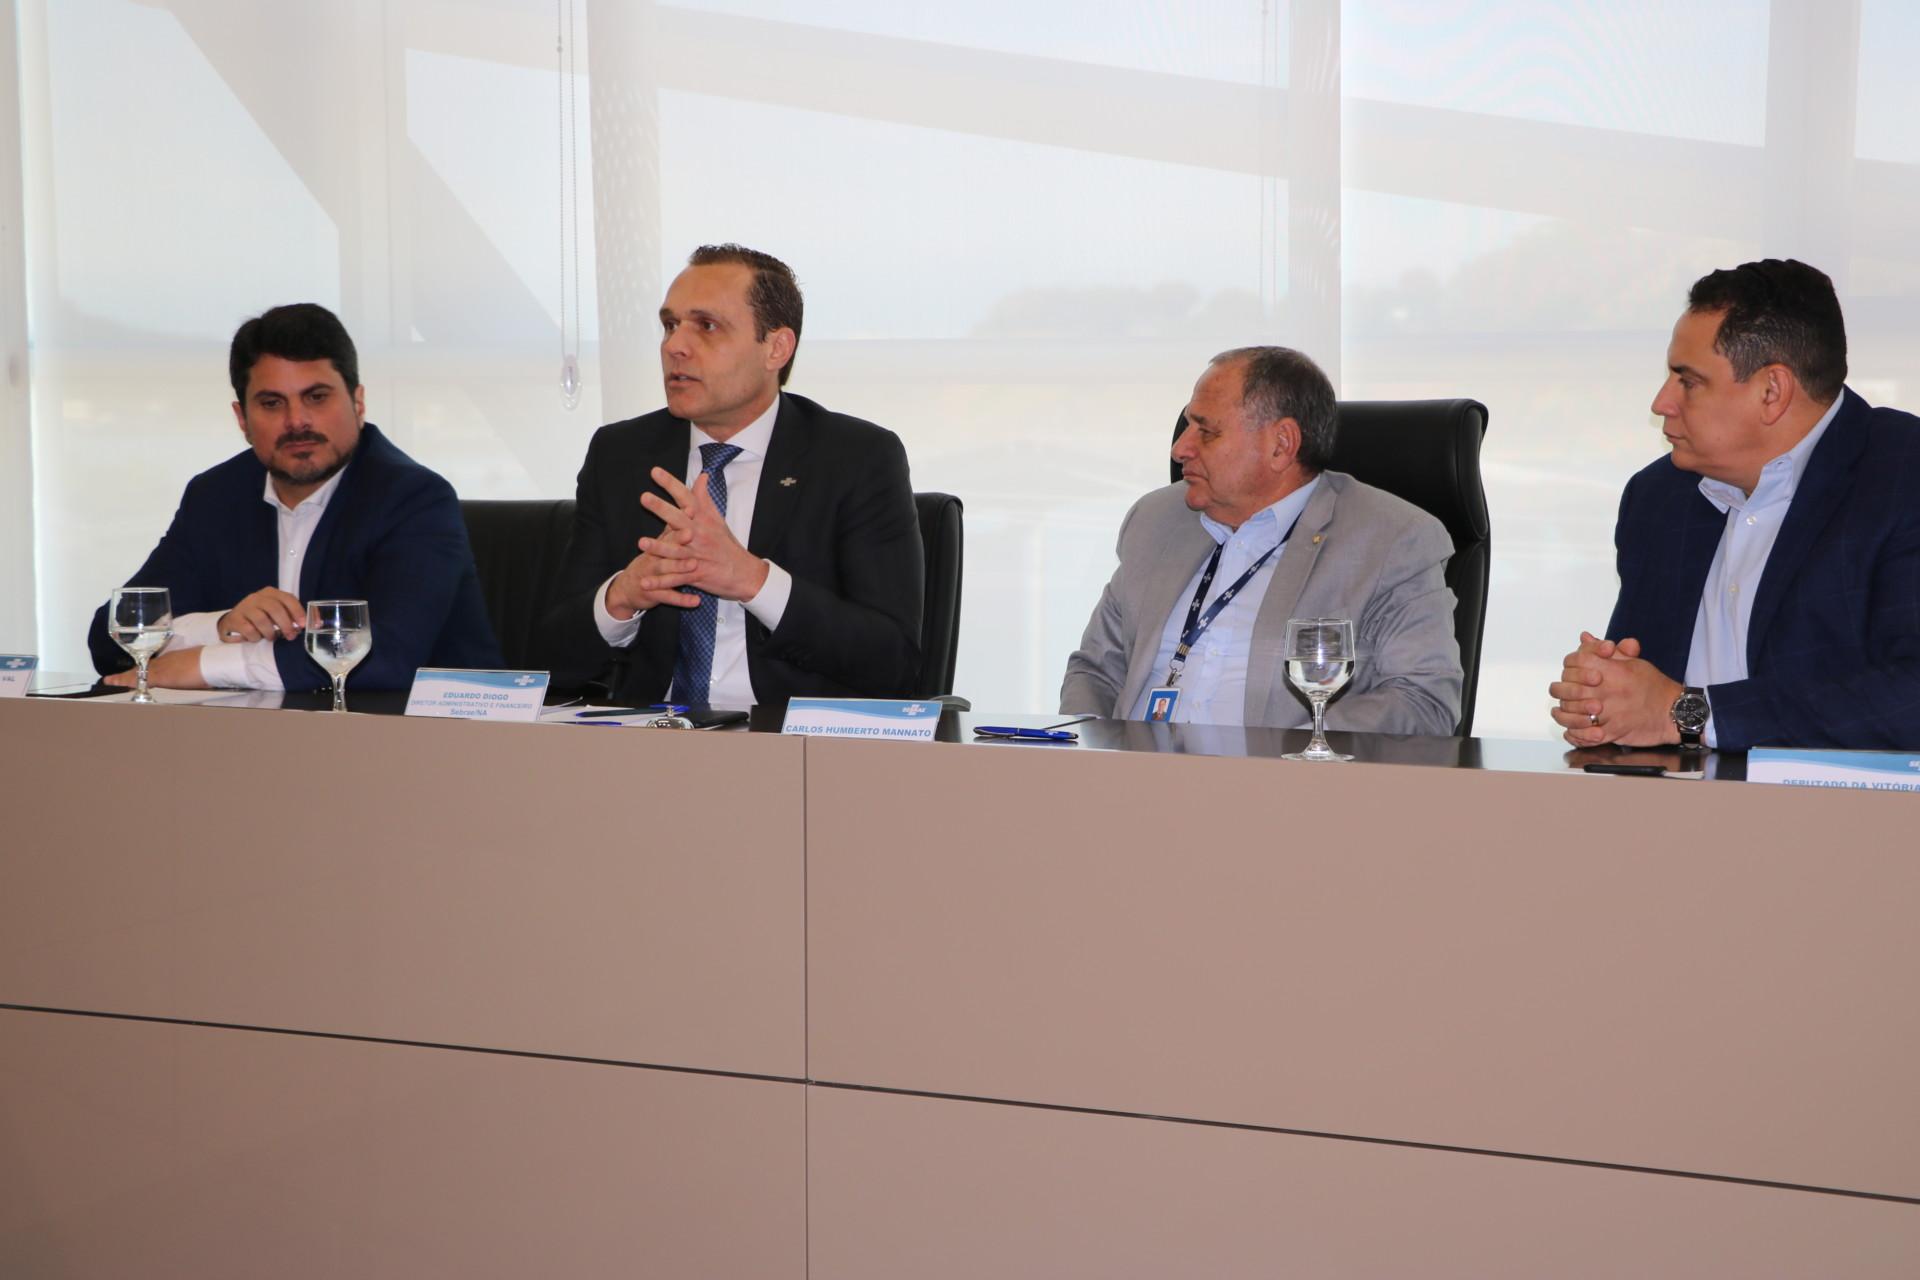 Reunião com Senador Marcos do Val, Deputados e Líderes Empresariais no Sebrae/ES